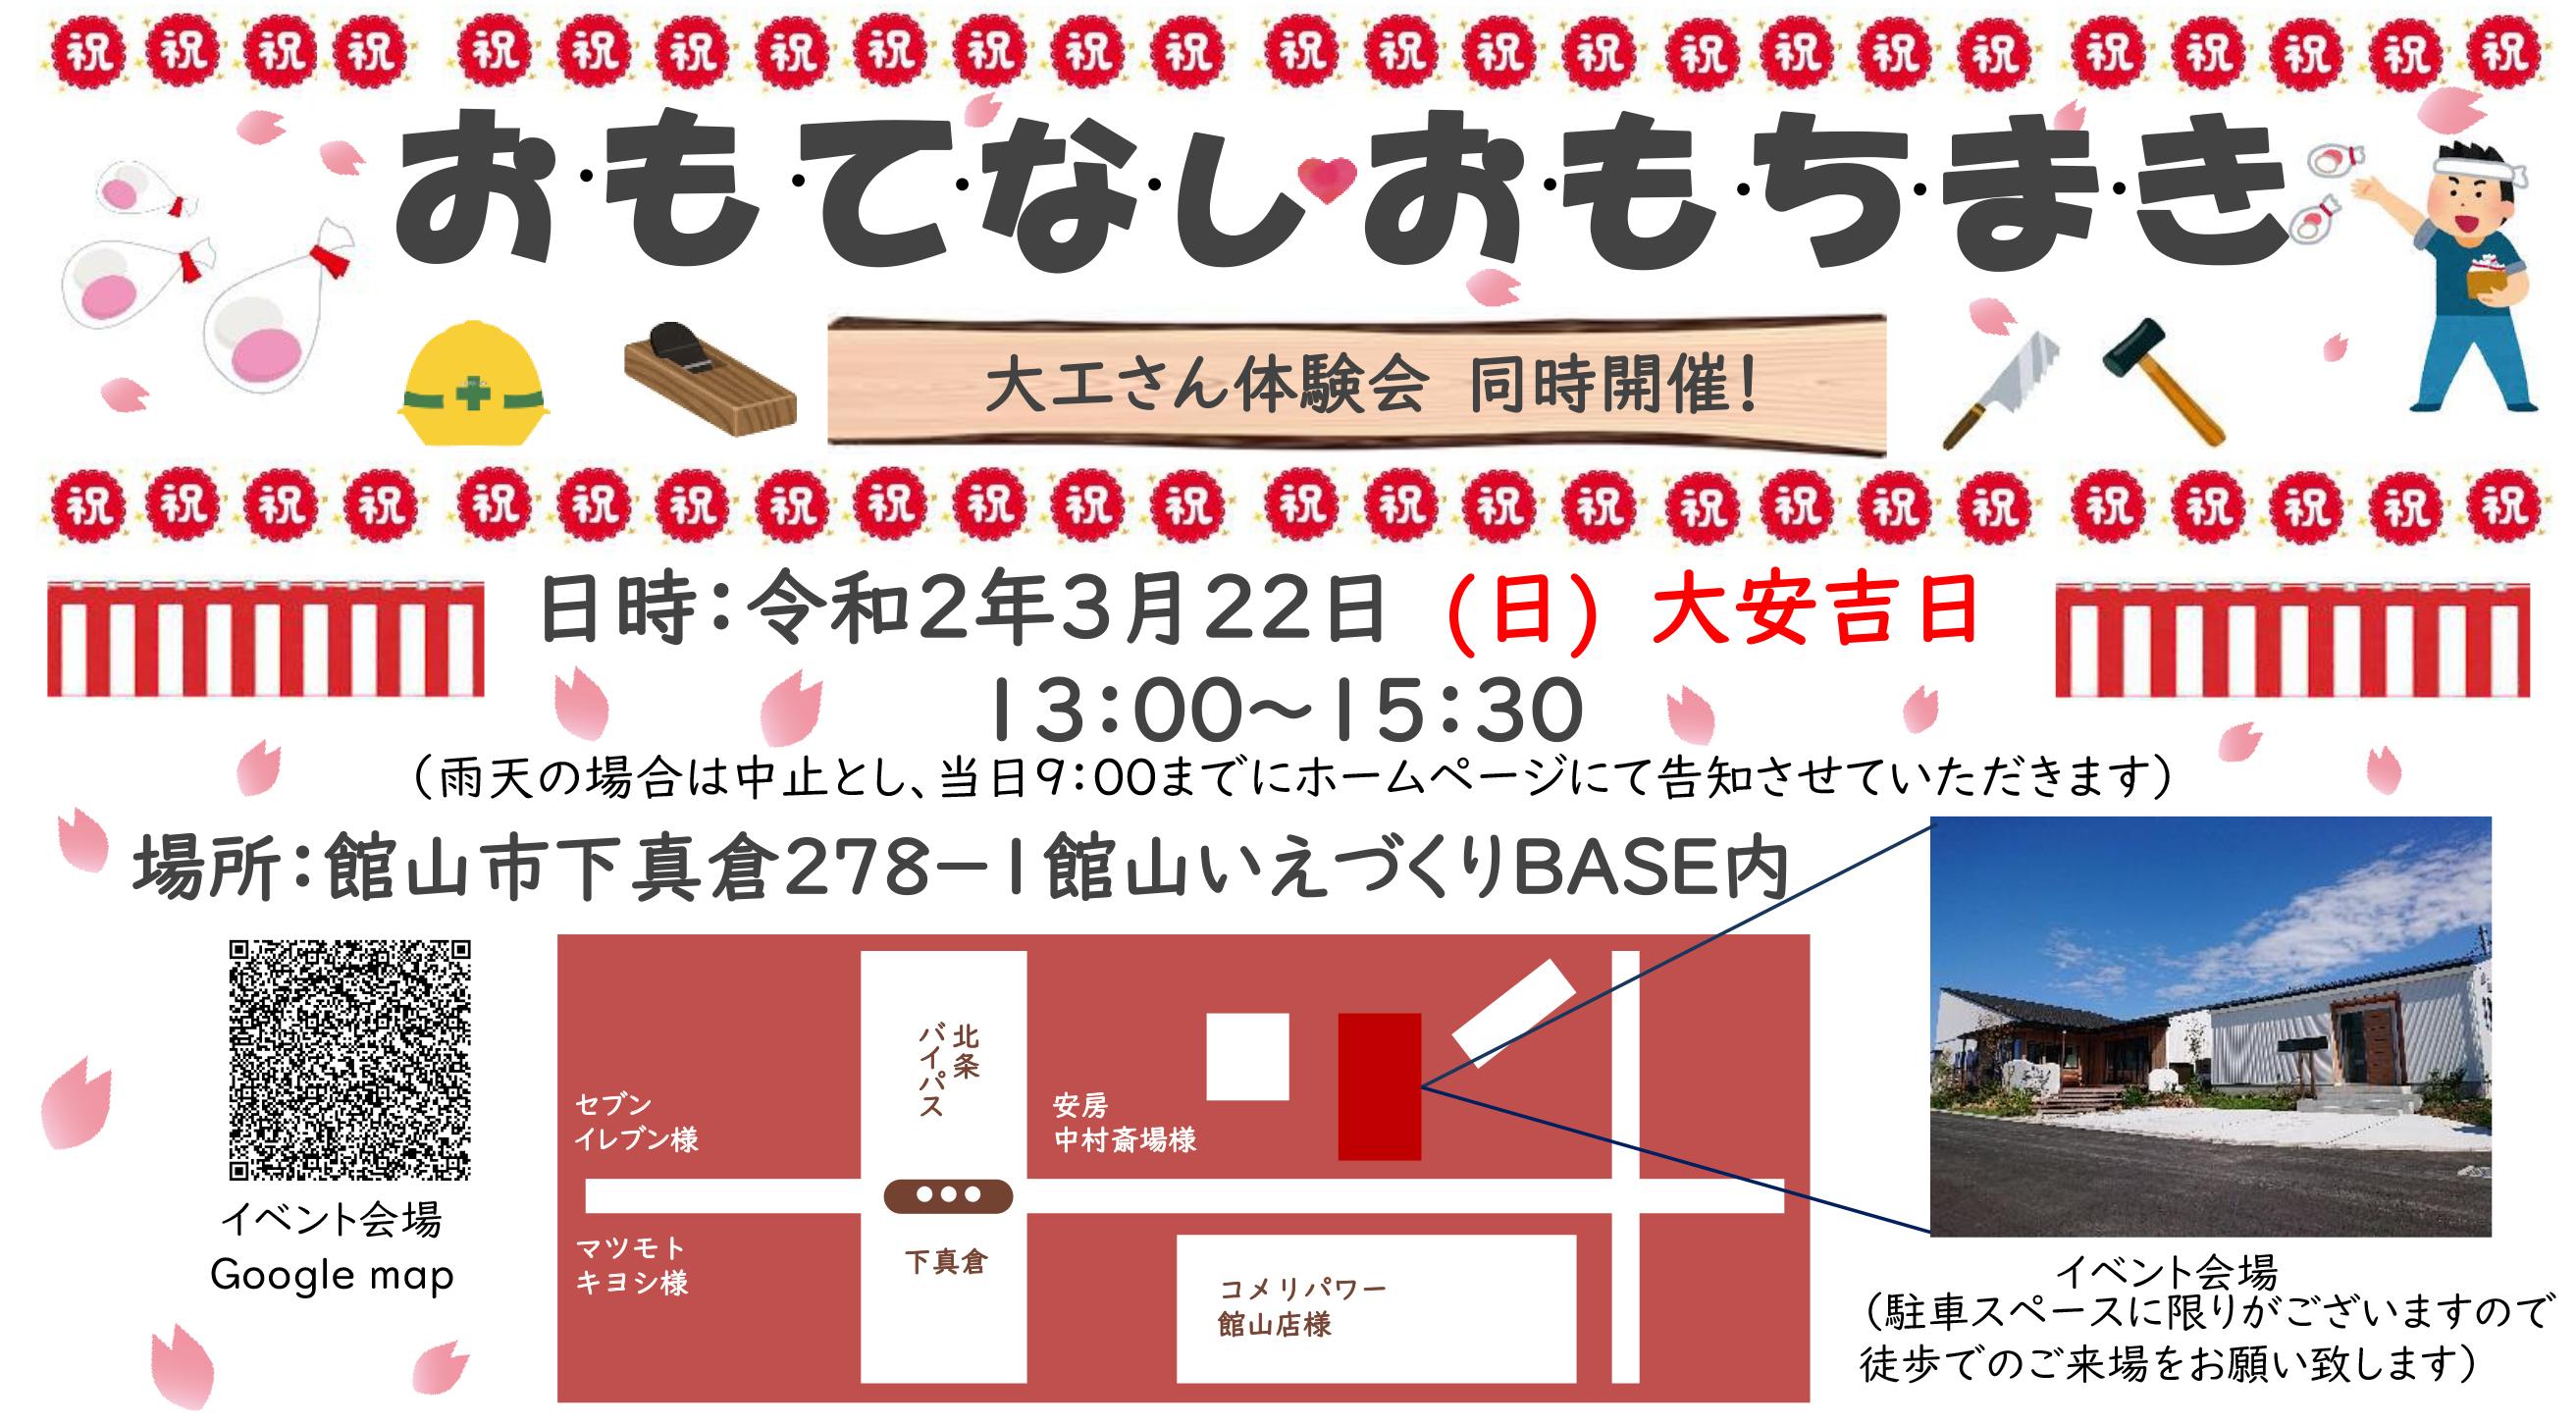 題して「お・も・て・な・し♥お・も・ち・ま・き」!ご近所の皆様、早川建設を知っている方も知らない方も、上棟のお祝いに遊びに来ませんか?お子様が楽しめる体験イベント同時開催です!